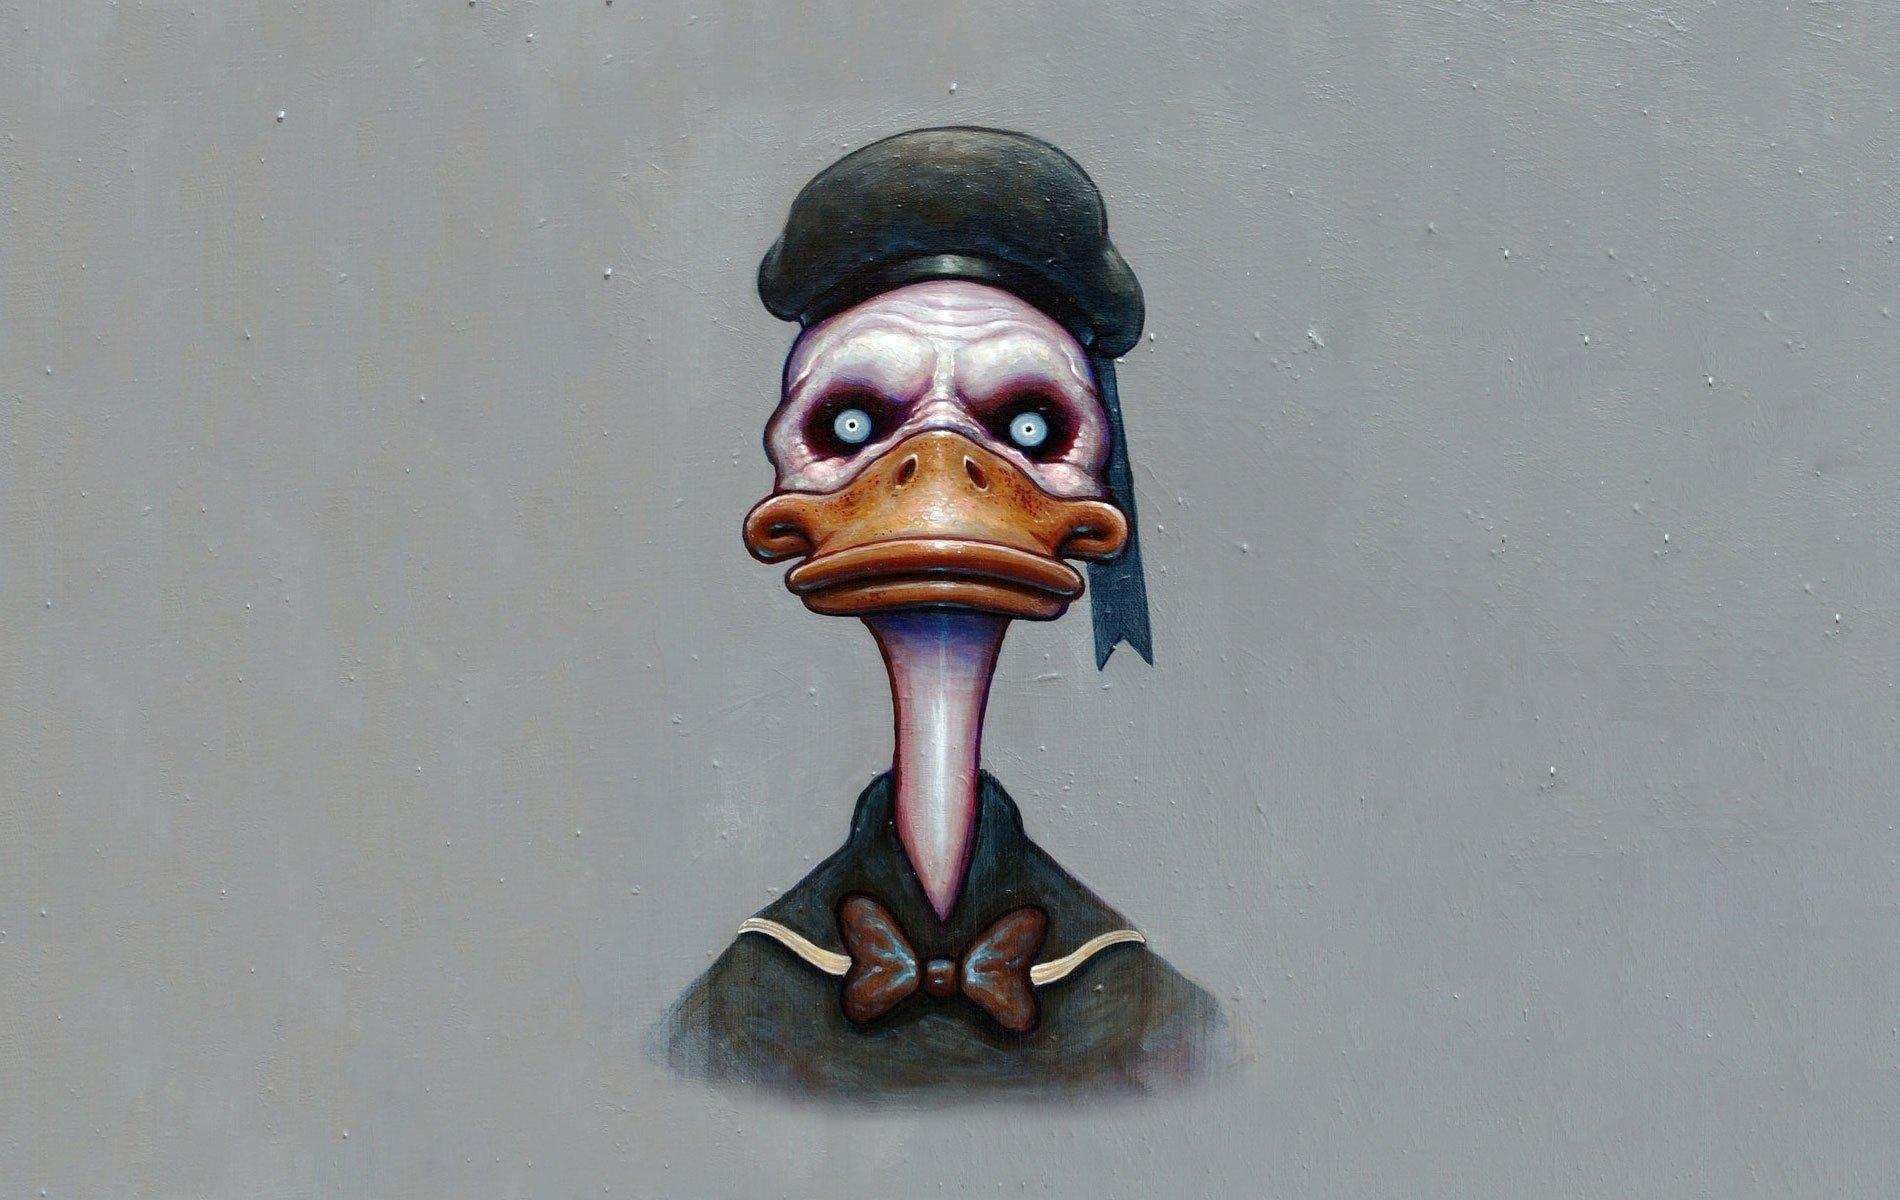 Wallpaper iphone donald duck - Cartoon Donald Duck Wallpaper